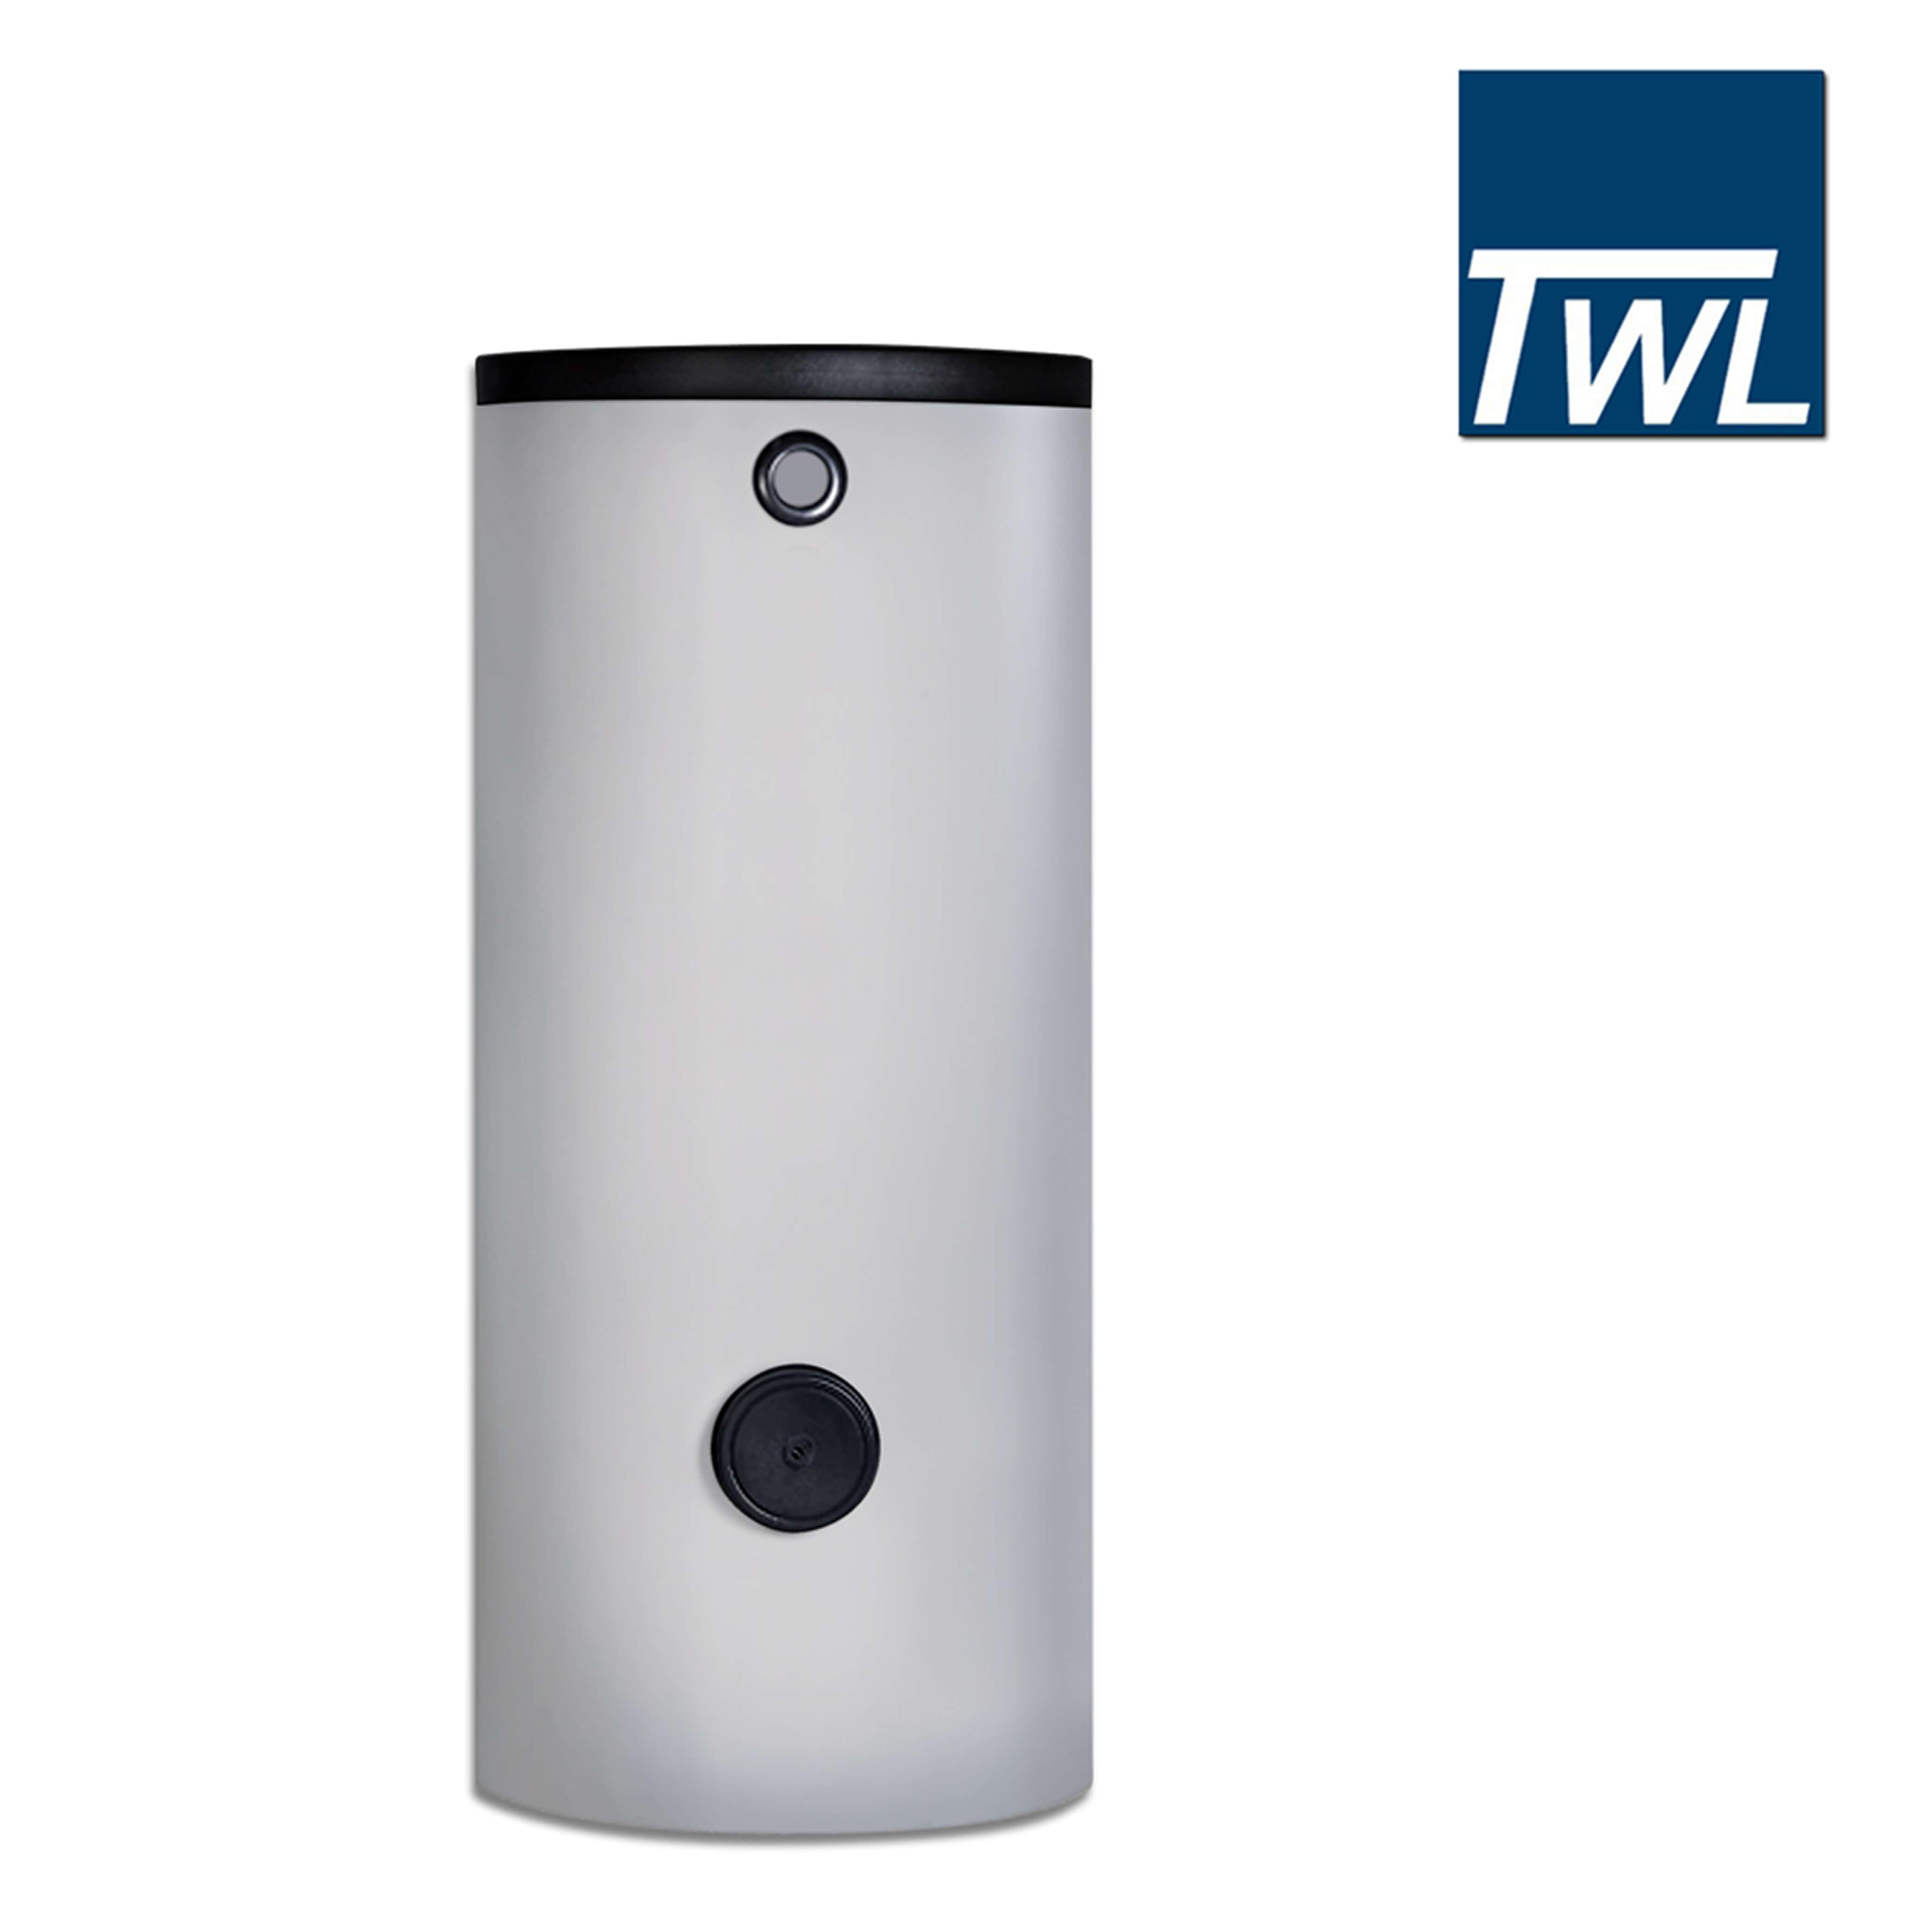 500l twl hochleistungs solarspeicher typ swp2 500 2 w rmetauscher speichertechnik heizung. Black Bedroom Furniture Sets. Home Design Ideas